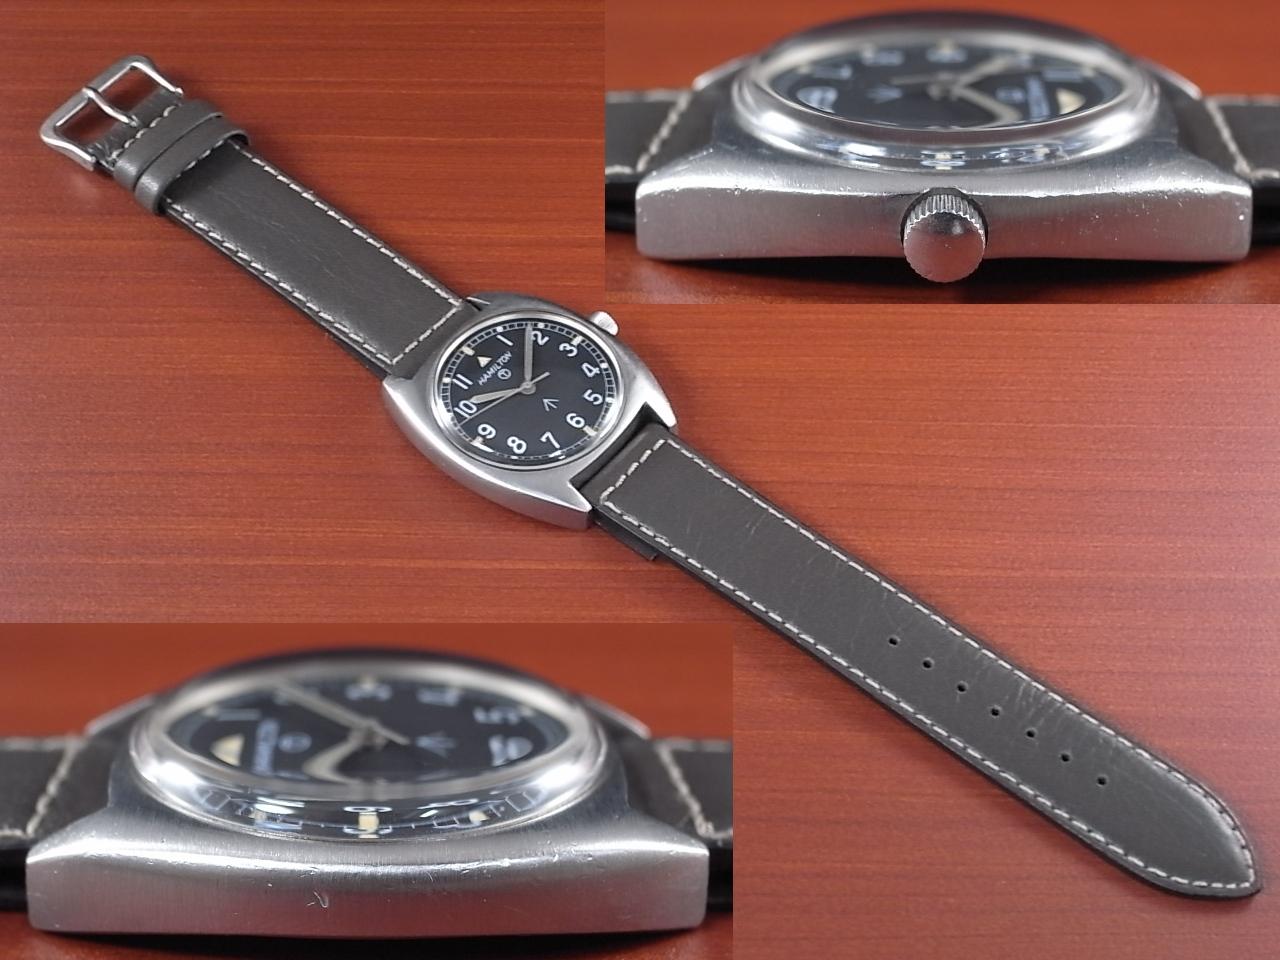 ハミルトン 軍用時計 イギリス陸軍 W10 トノーケース 1970年代の写真3枚目